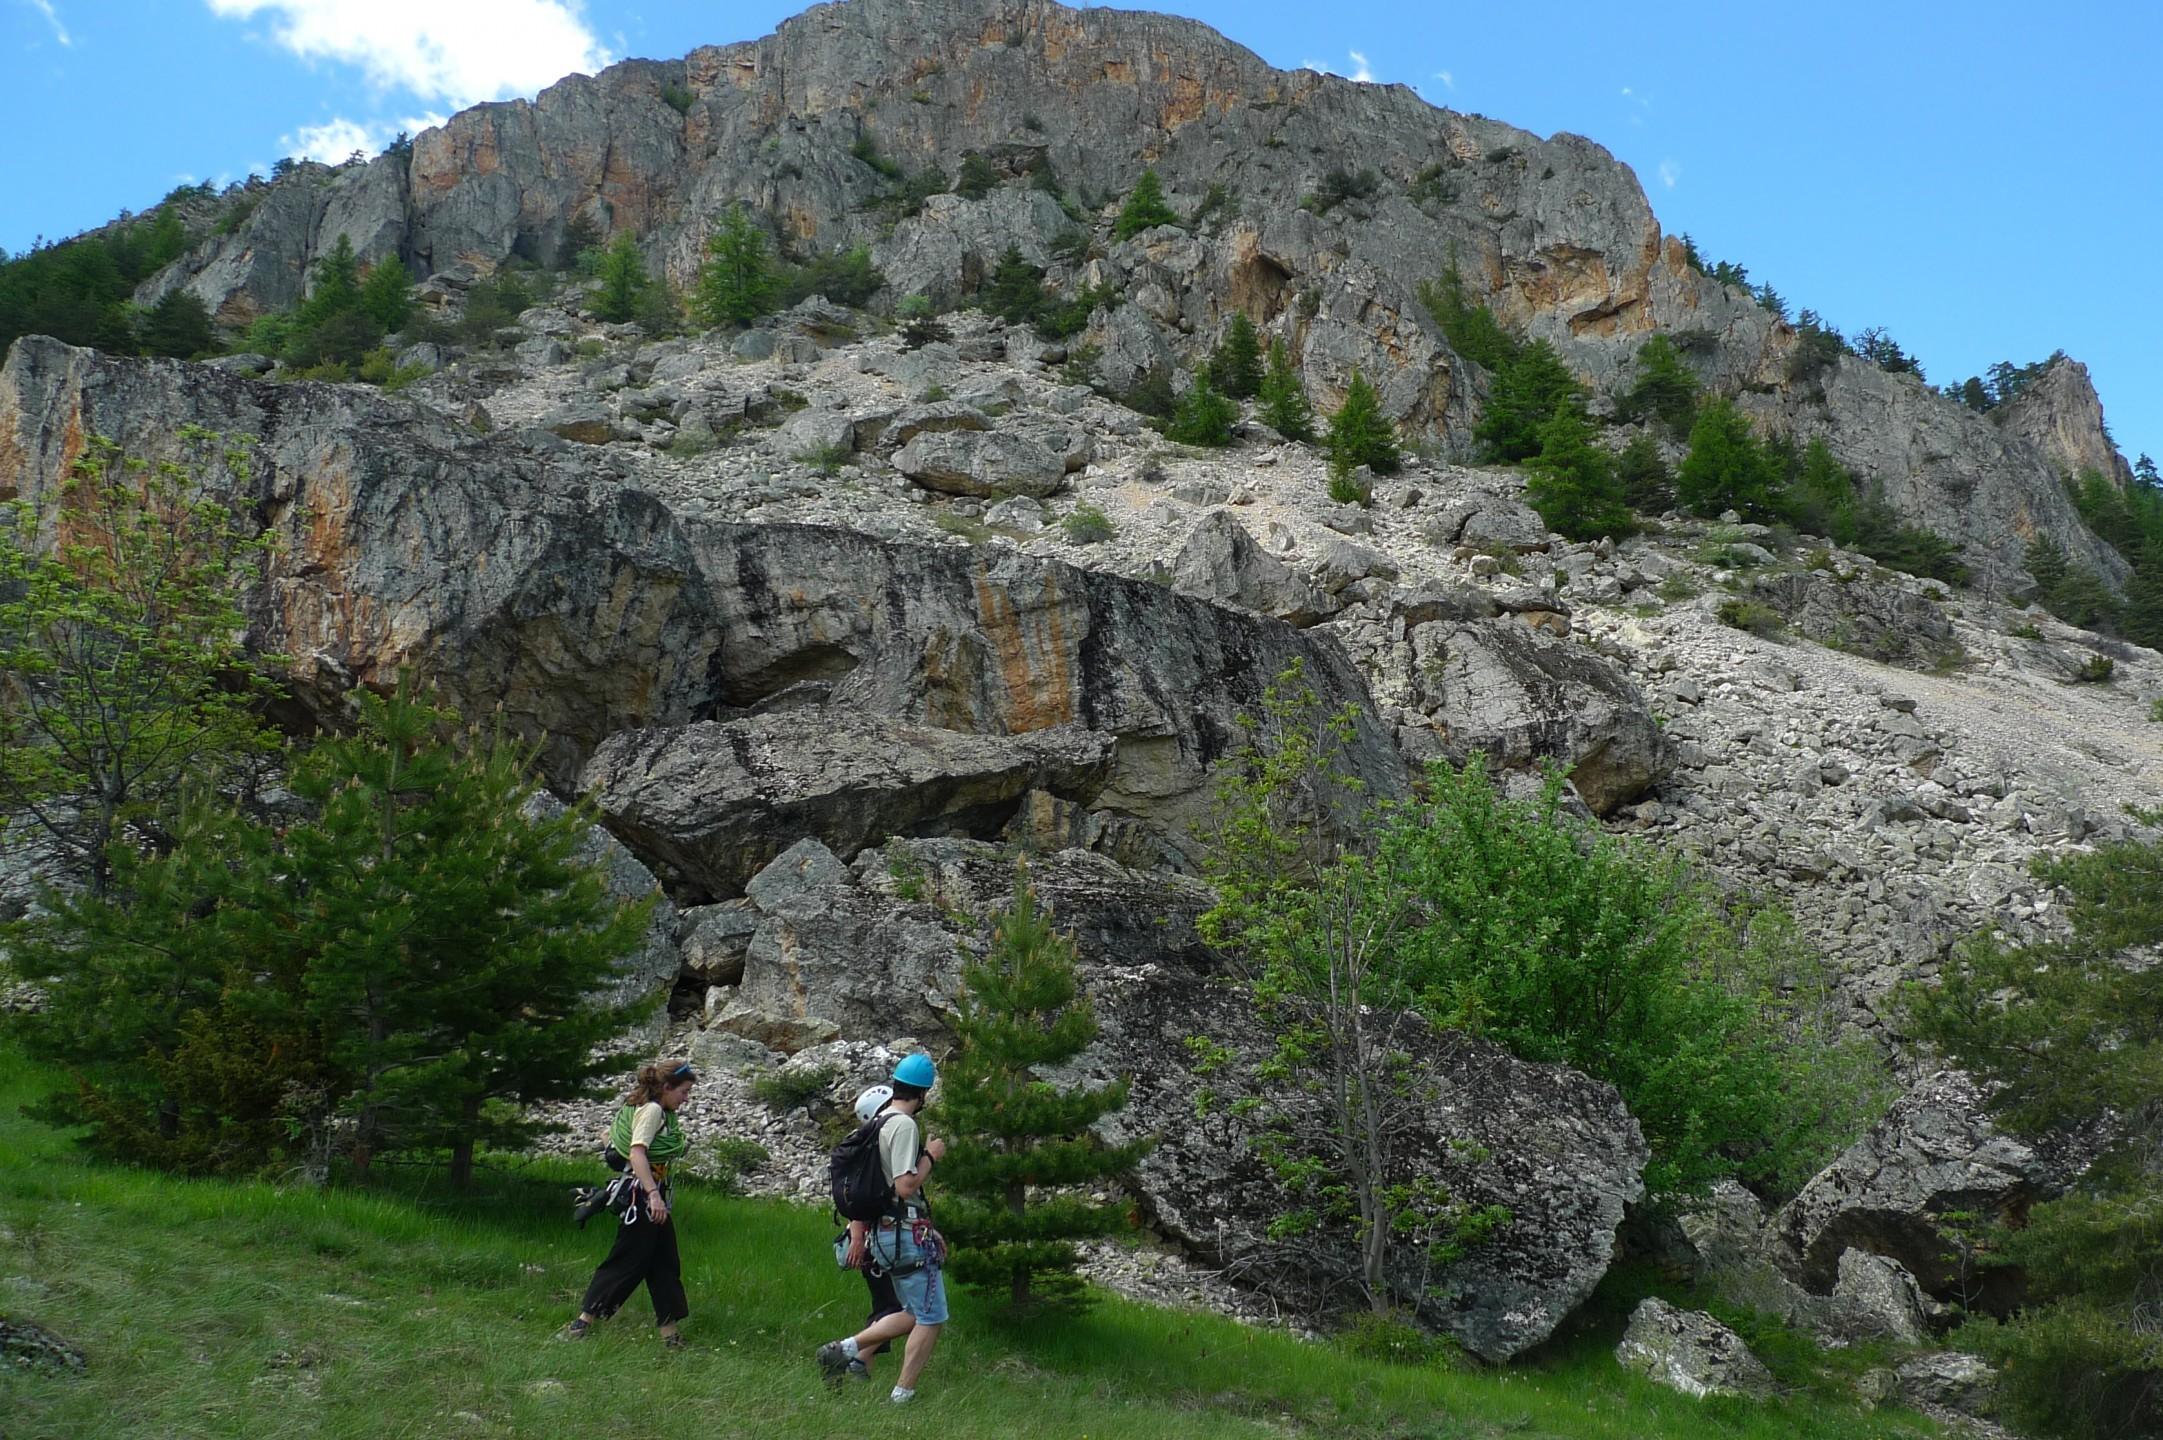 léperon de Bouchier se dessine , une escalade intéressante pour se former au terrain d aventure